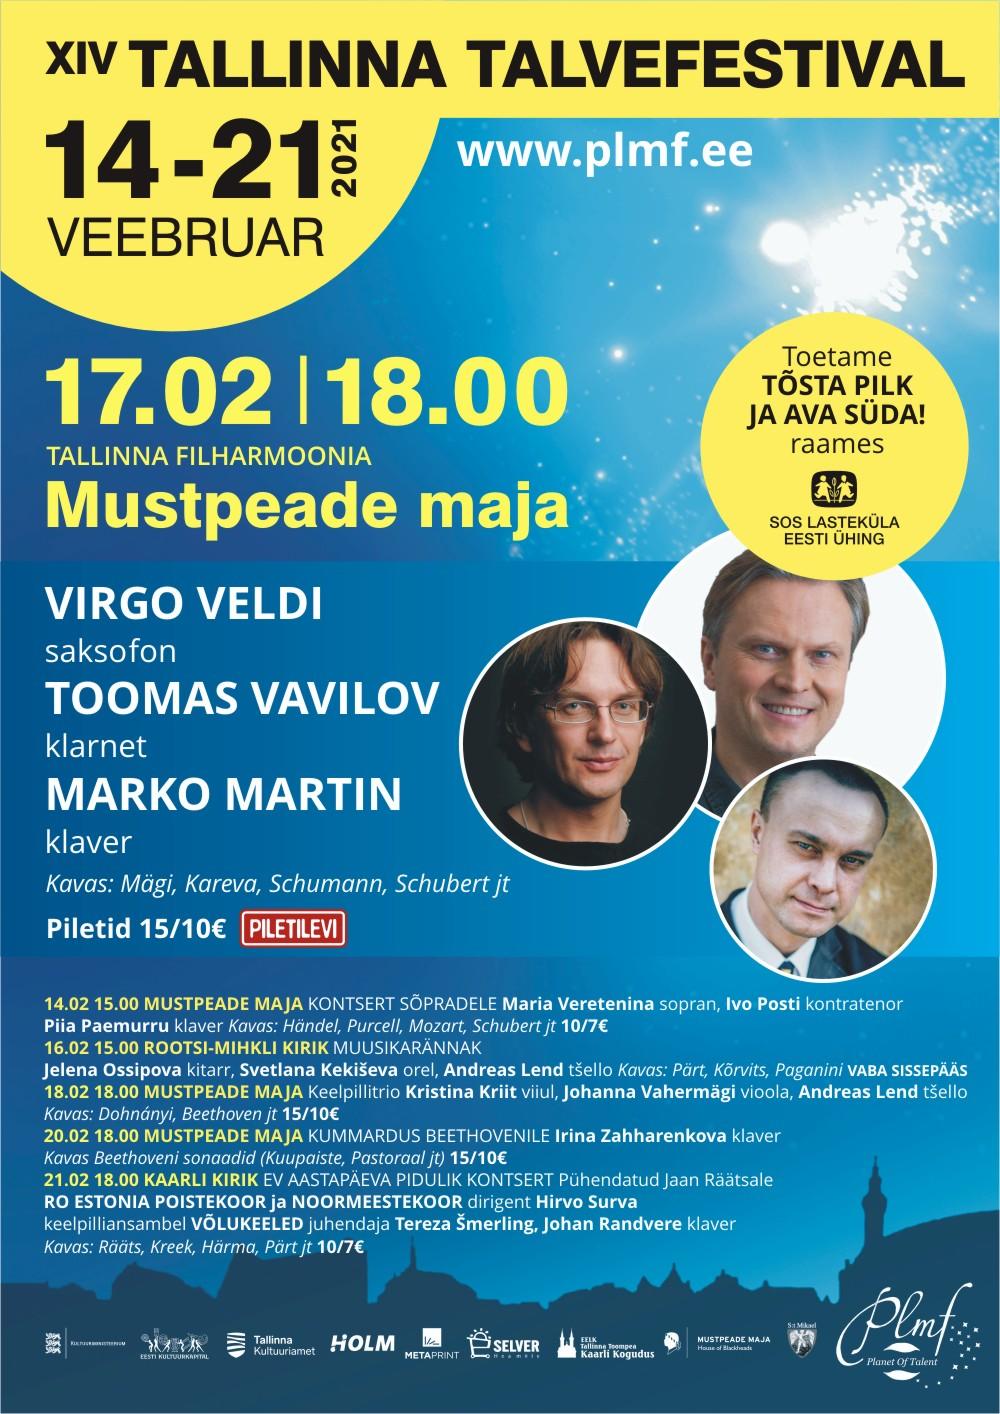 Virgo Veldi, Toomas Vavilov, Marko Martin - XIV Tallinna Talvefestival